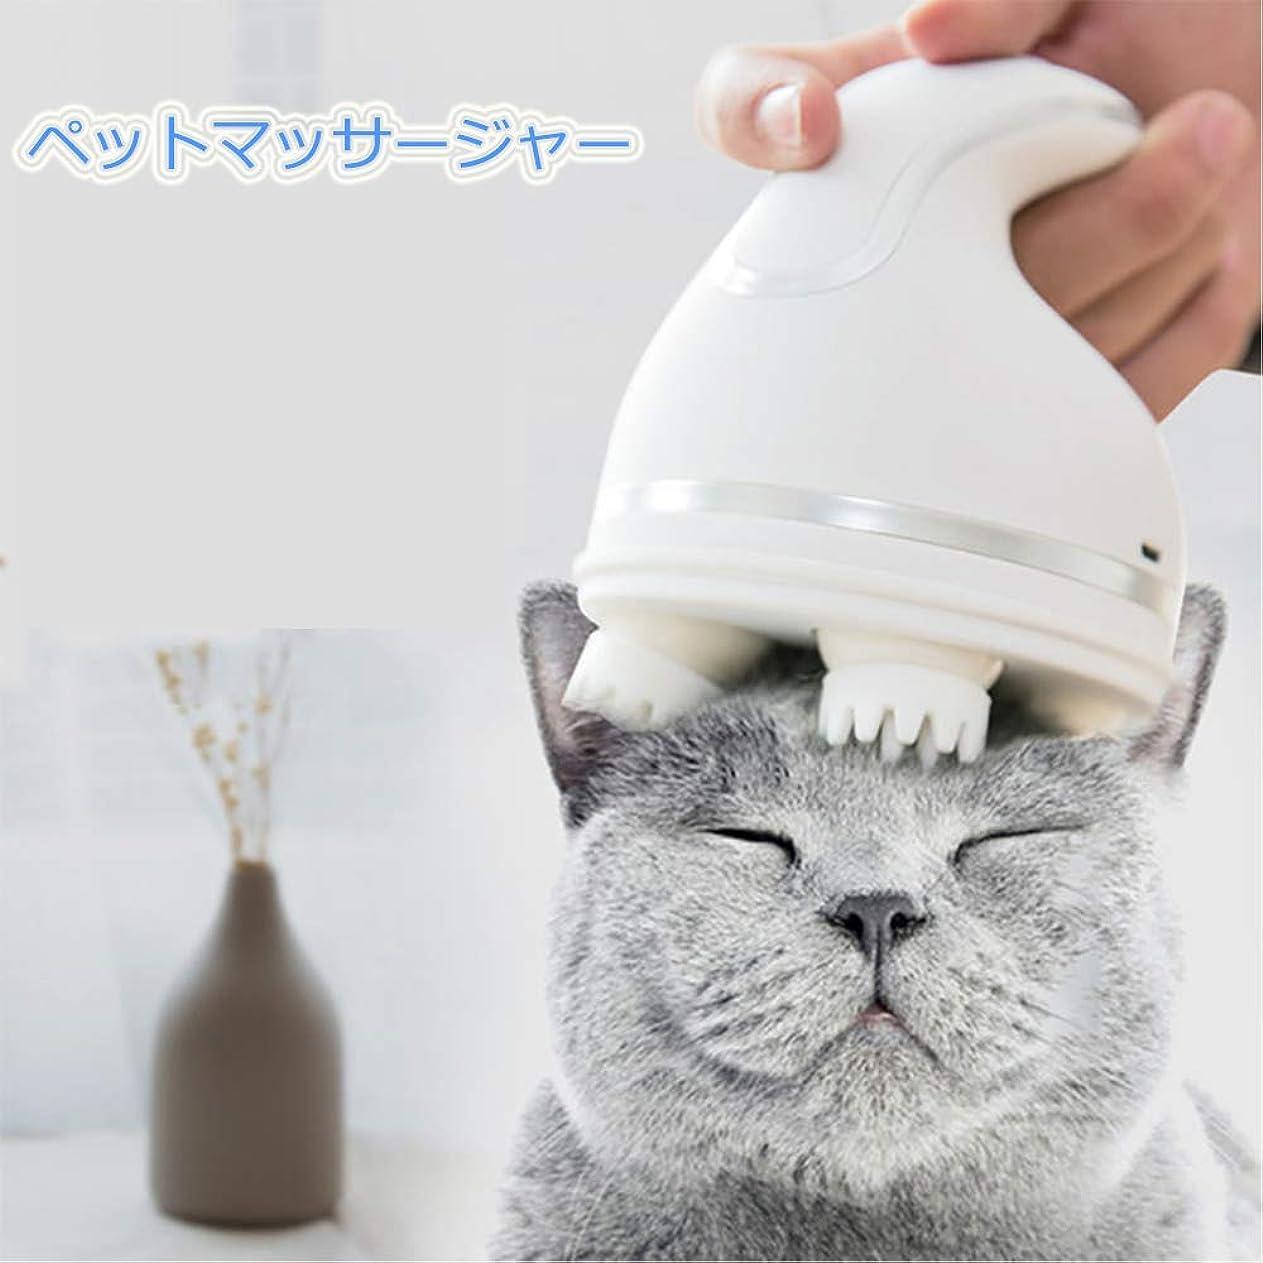 オズワルド争い疫病ペットマッサージャー 猫マッサージ ヘッドマッサージャー 電動 ヘッドマッサージ器 猫マッサージ器 多機能 ヘッドスパ 発毛促進 血液の循環を促進する USB充電 ペット用品 ペットマッサージ